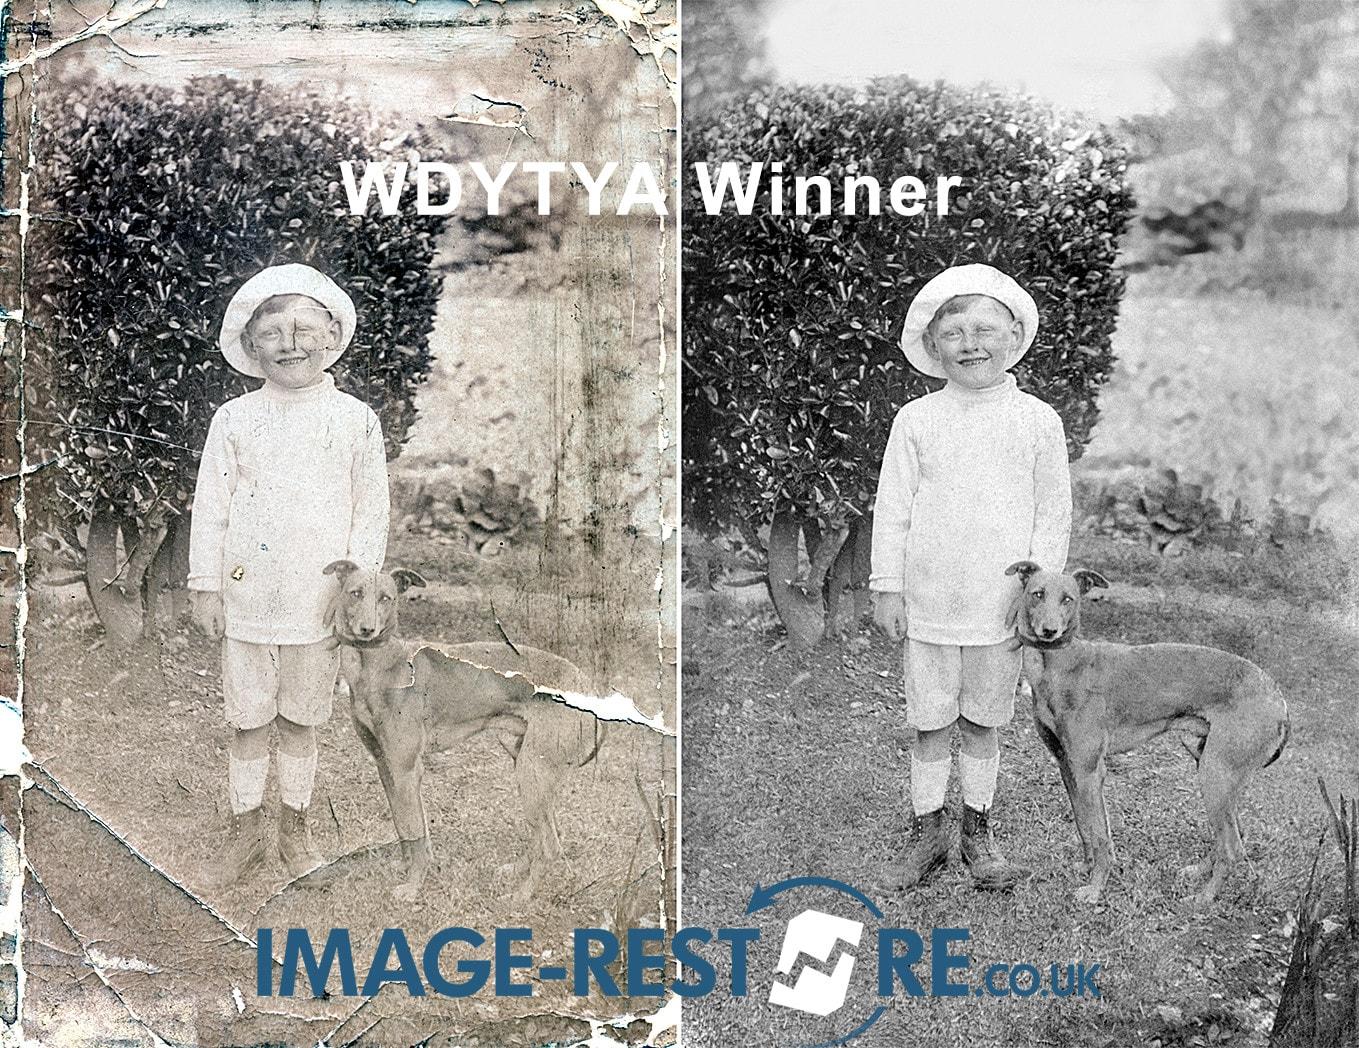 Previous WDYTYA Winner of a £75 voucher